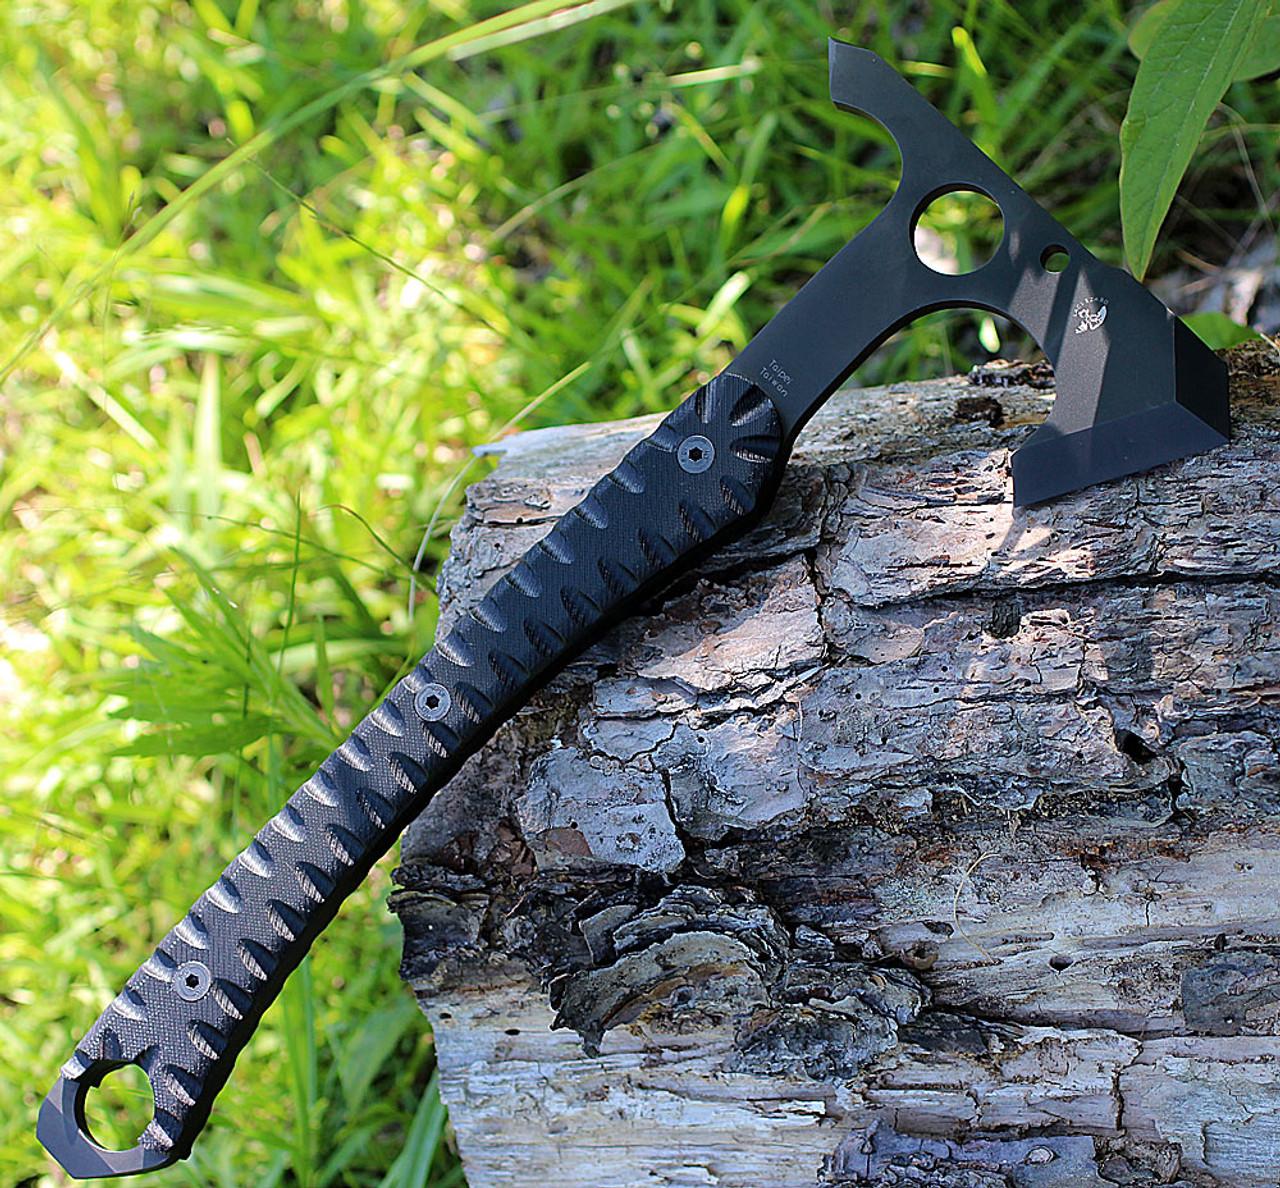 Spyderco Warrior Hawk H03, 2.19 in D2 Steel, G-10 Handle